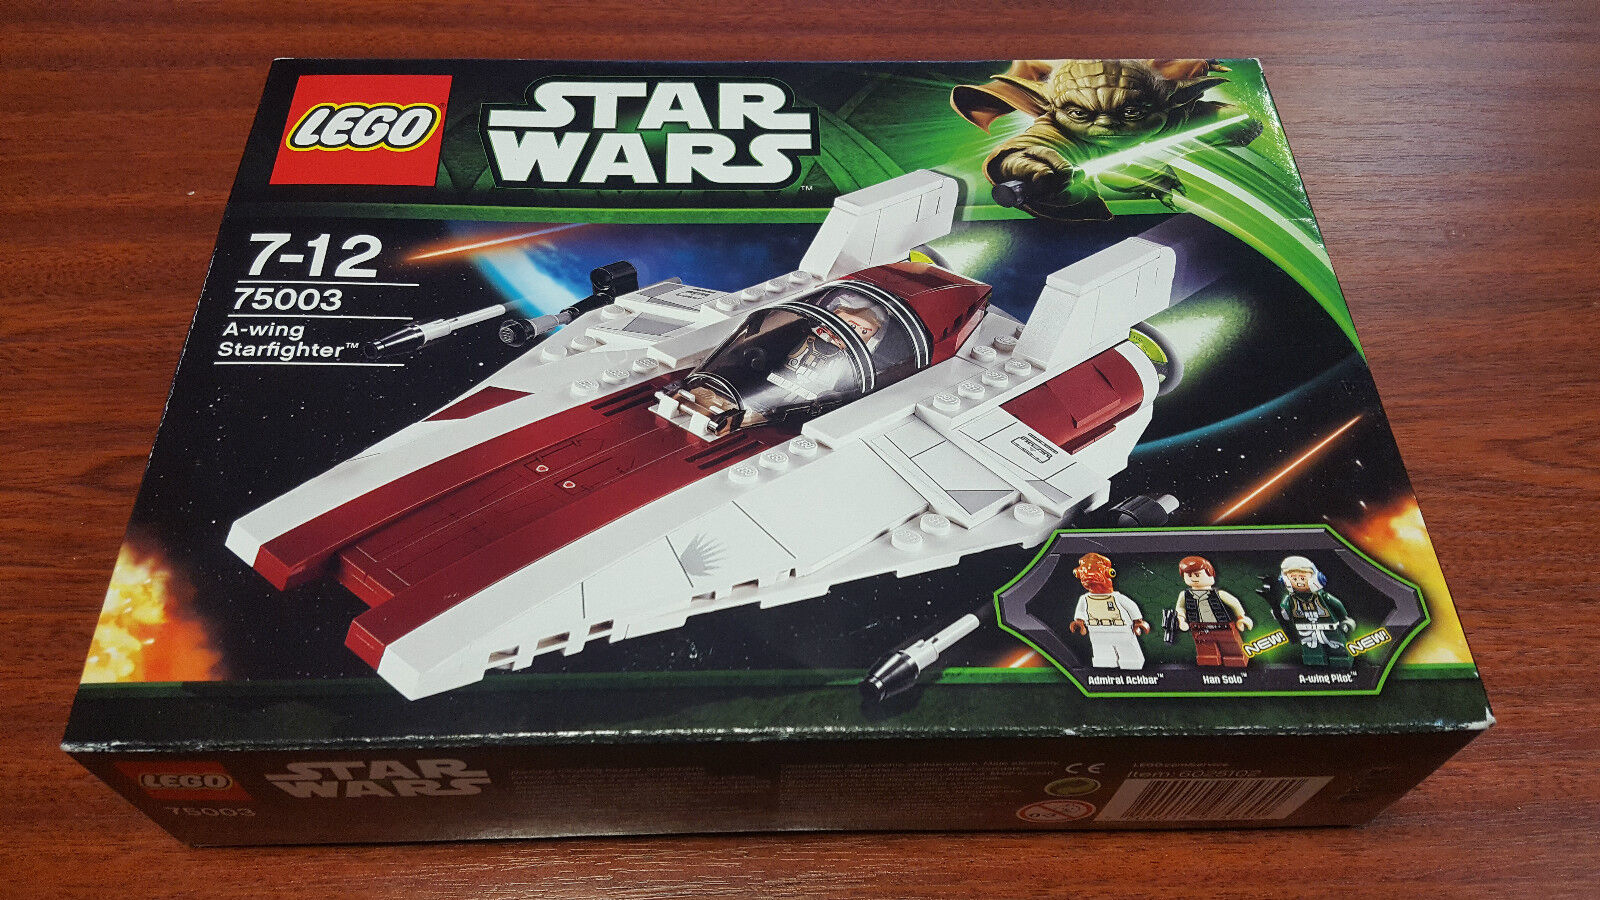 LEGO STAR WARS 75003  A-WING Starfighter   - nouveau - NEUF - SUPERBE - RARE  livraison directe et rapide